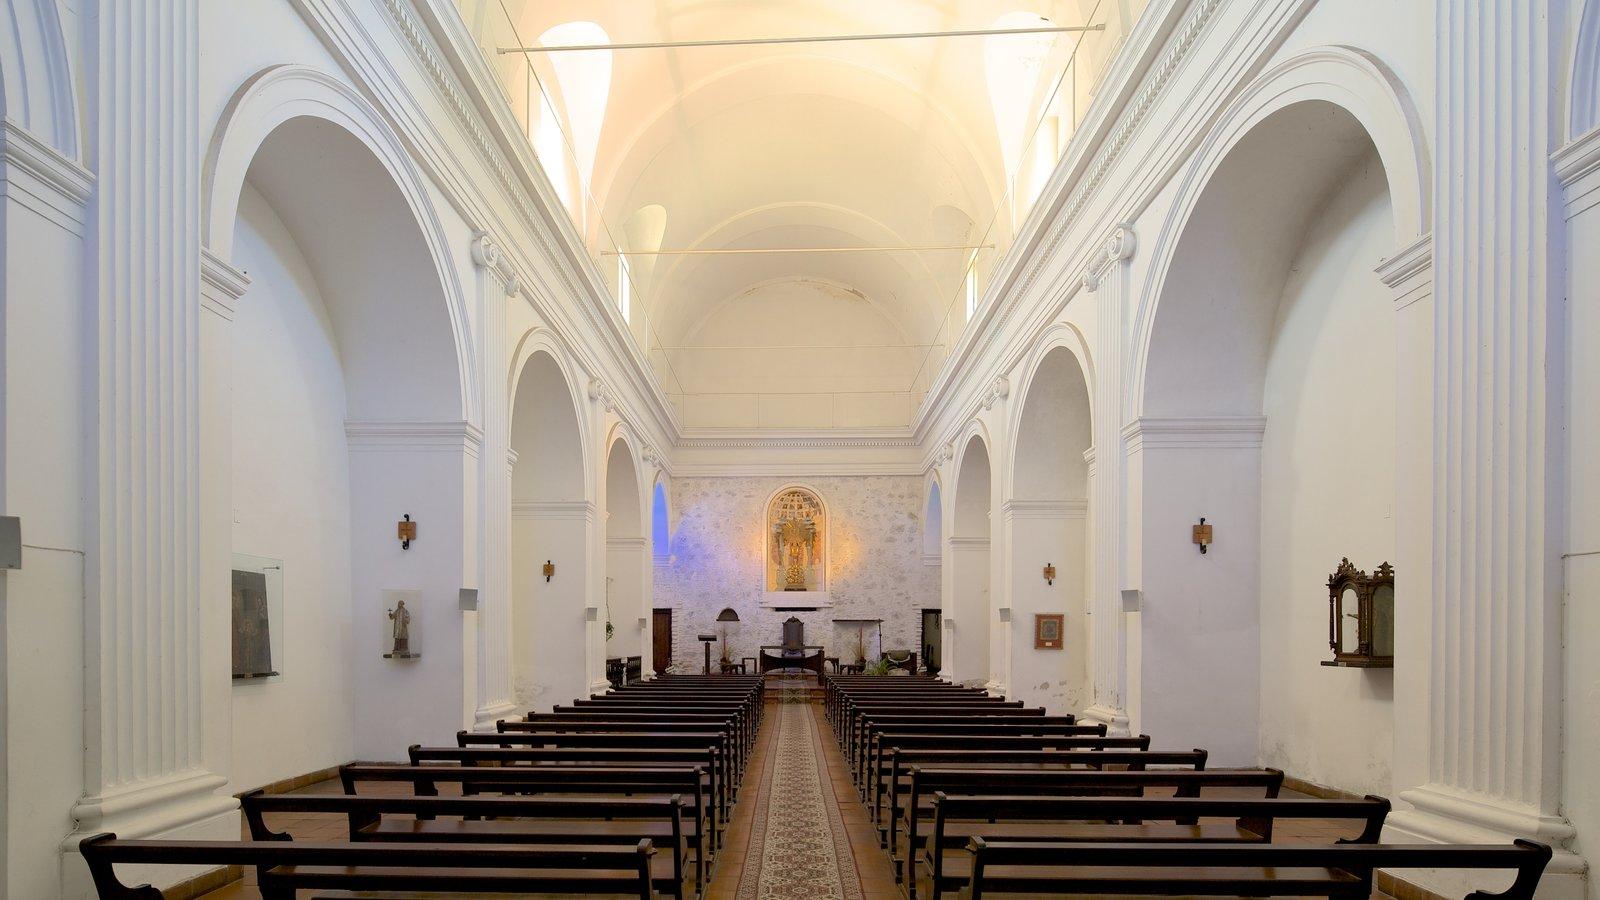 Colonia del Sacramento que inclui vistas internas, elementos religiosos e uma igreja ou catedral